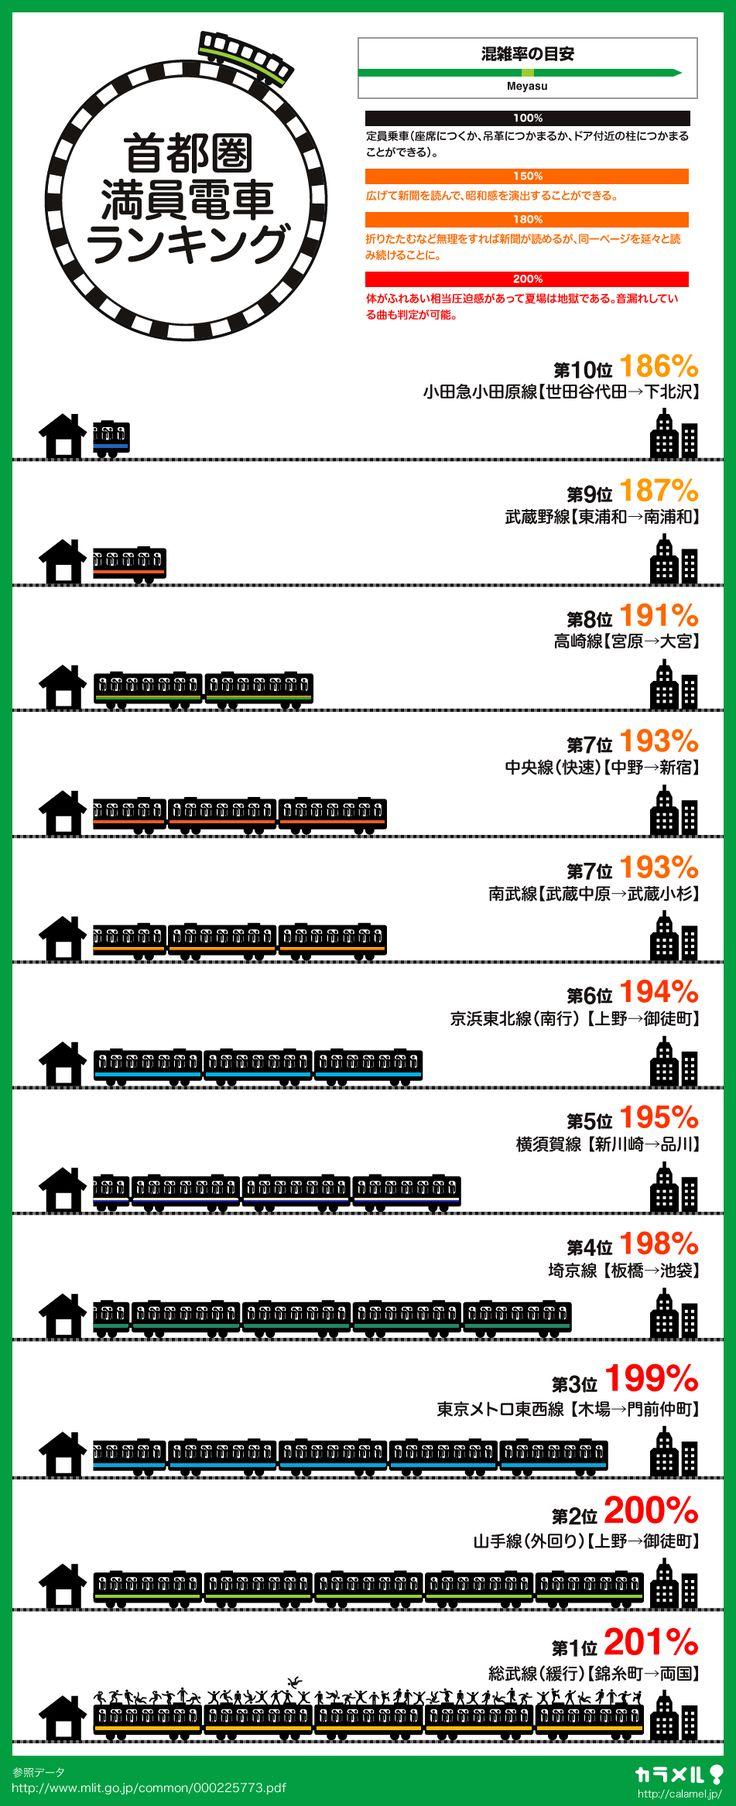 首都圏電車乗車率ランキング。東西線、山手線、総武線は密着濃厚を表すインフォグラフィック